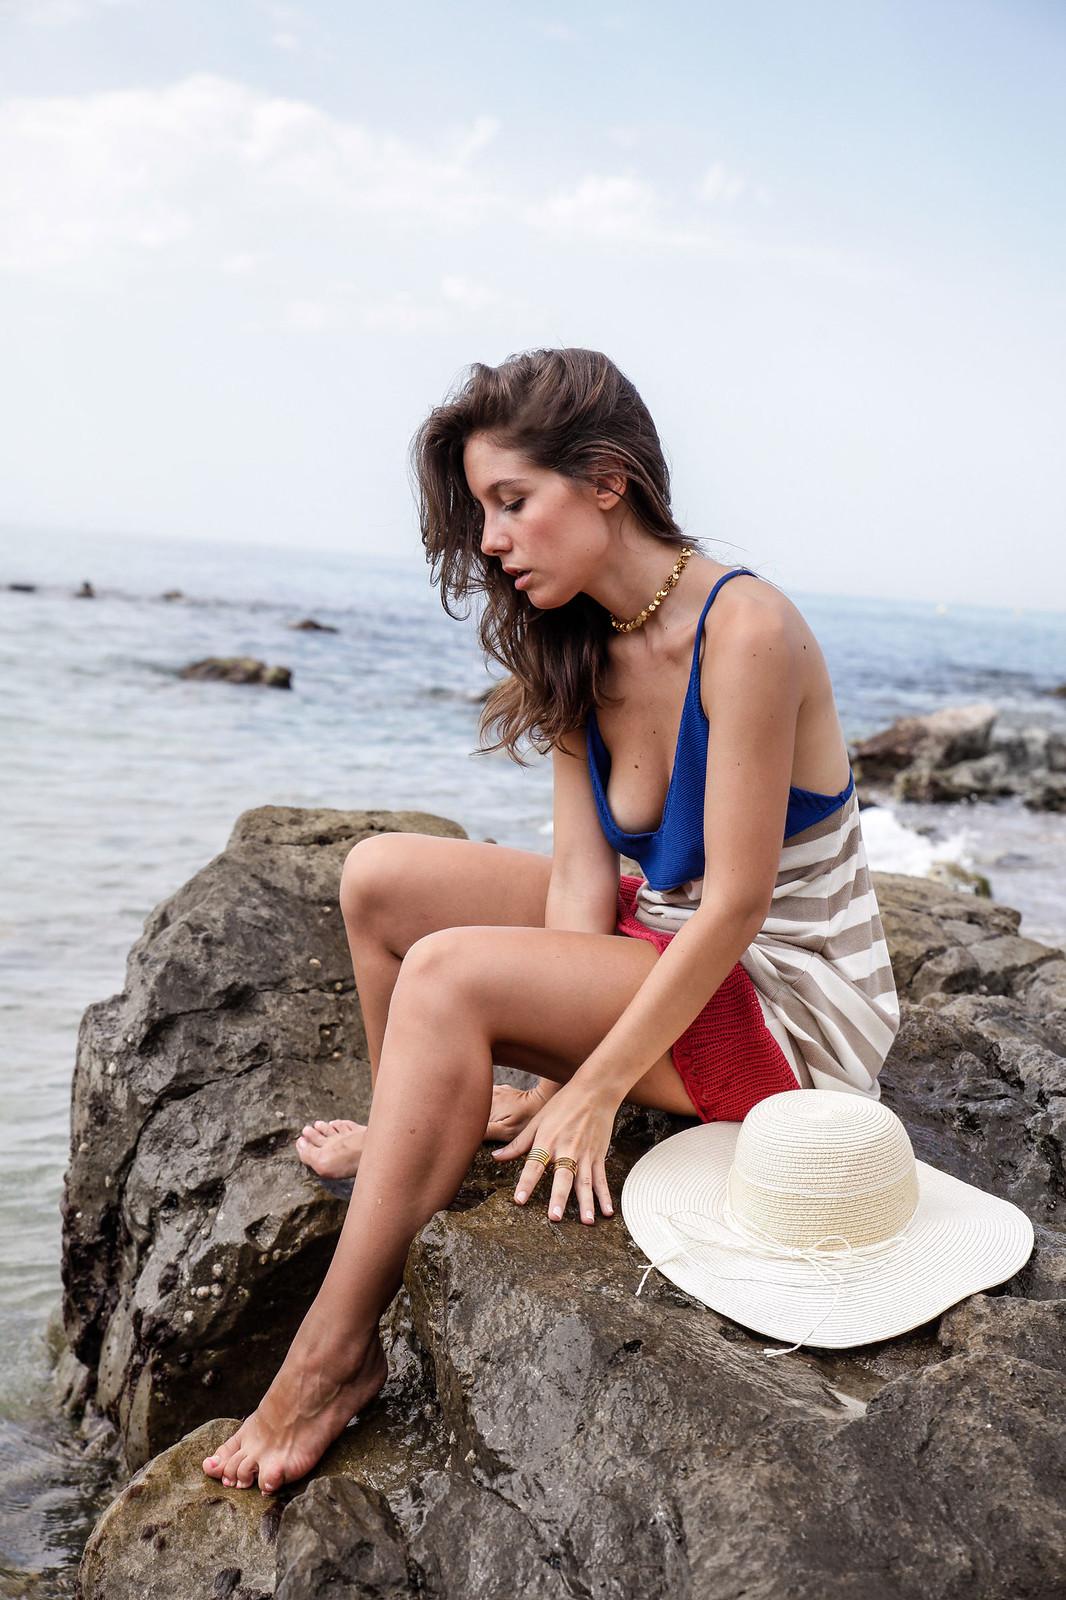 08_vestido_de_punto_rayas_rüga_coleccion_verano_the_guest_girl_ambassador_theguestgirl_barcelona_spain_cubelles_cala_secreta_sitges_influencer_moda_fashion_boho_